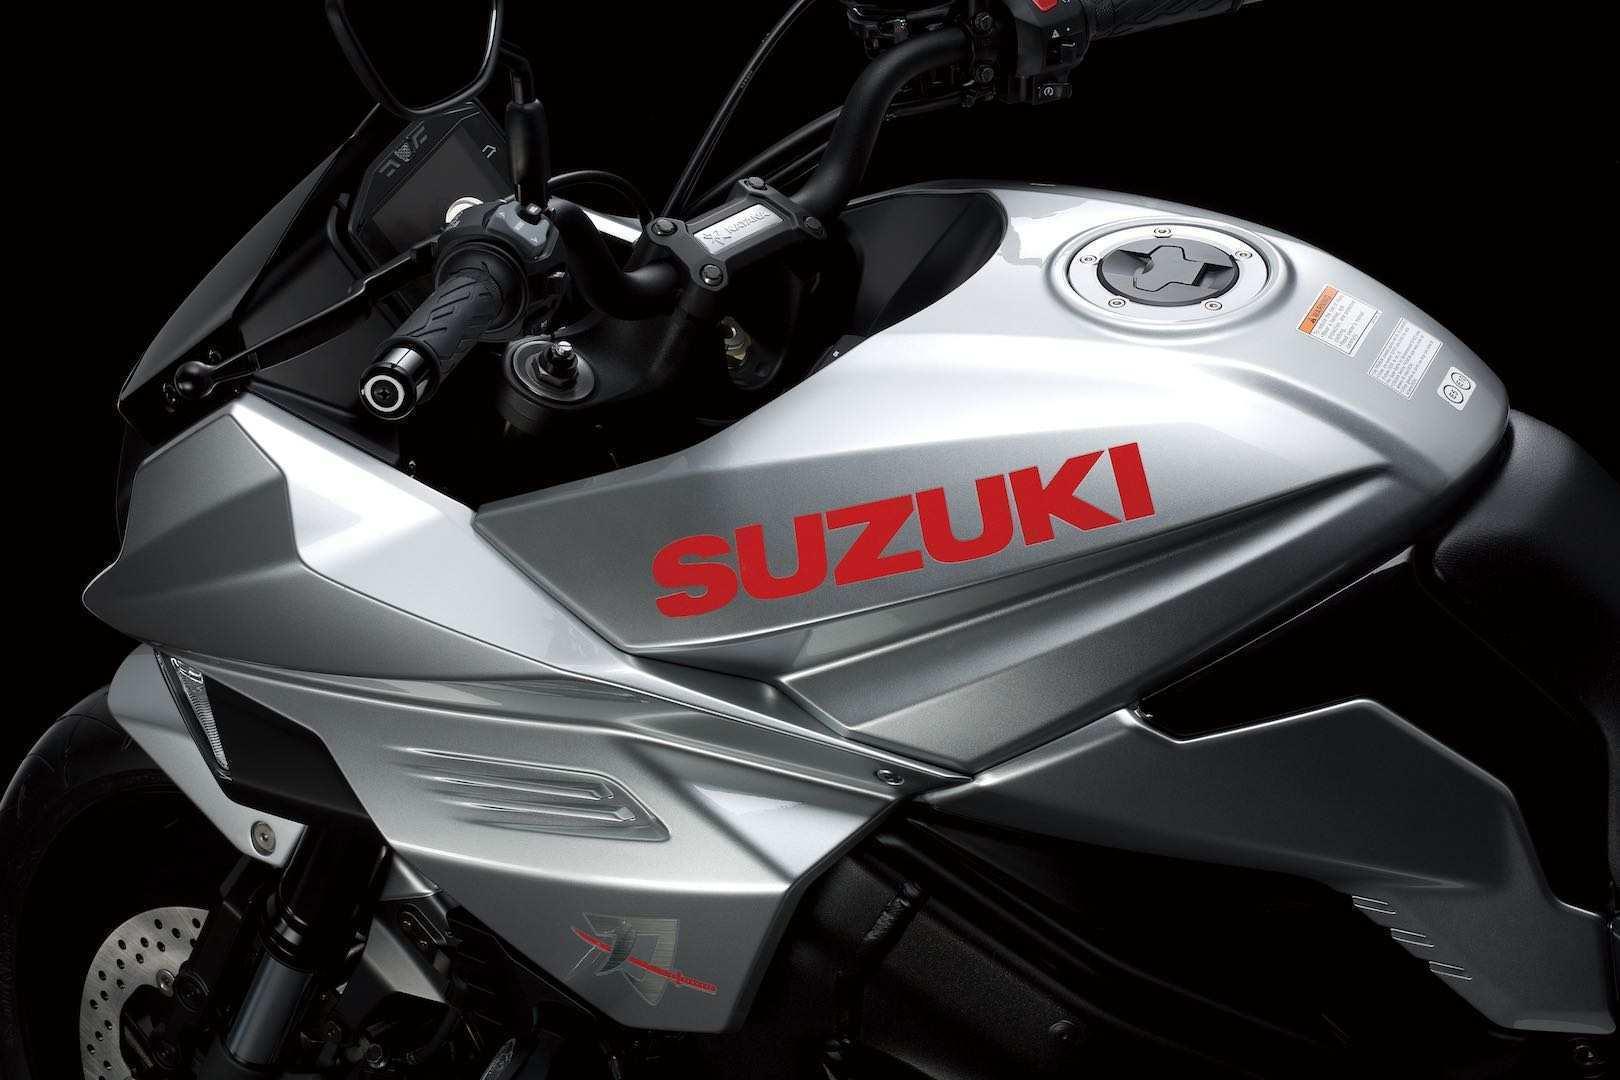 86 Great 2020 Suzuki Concept with 2020 Suzuki